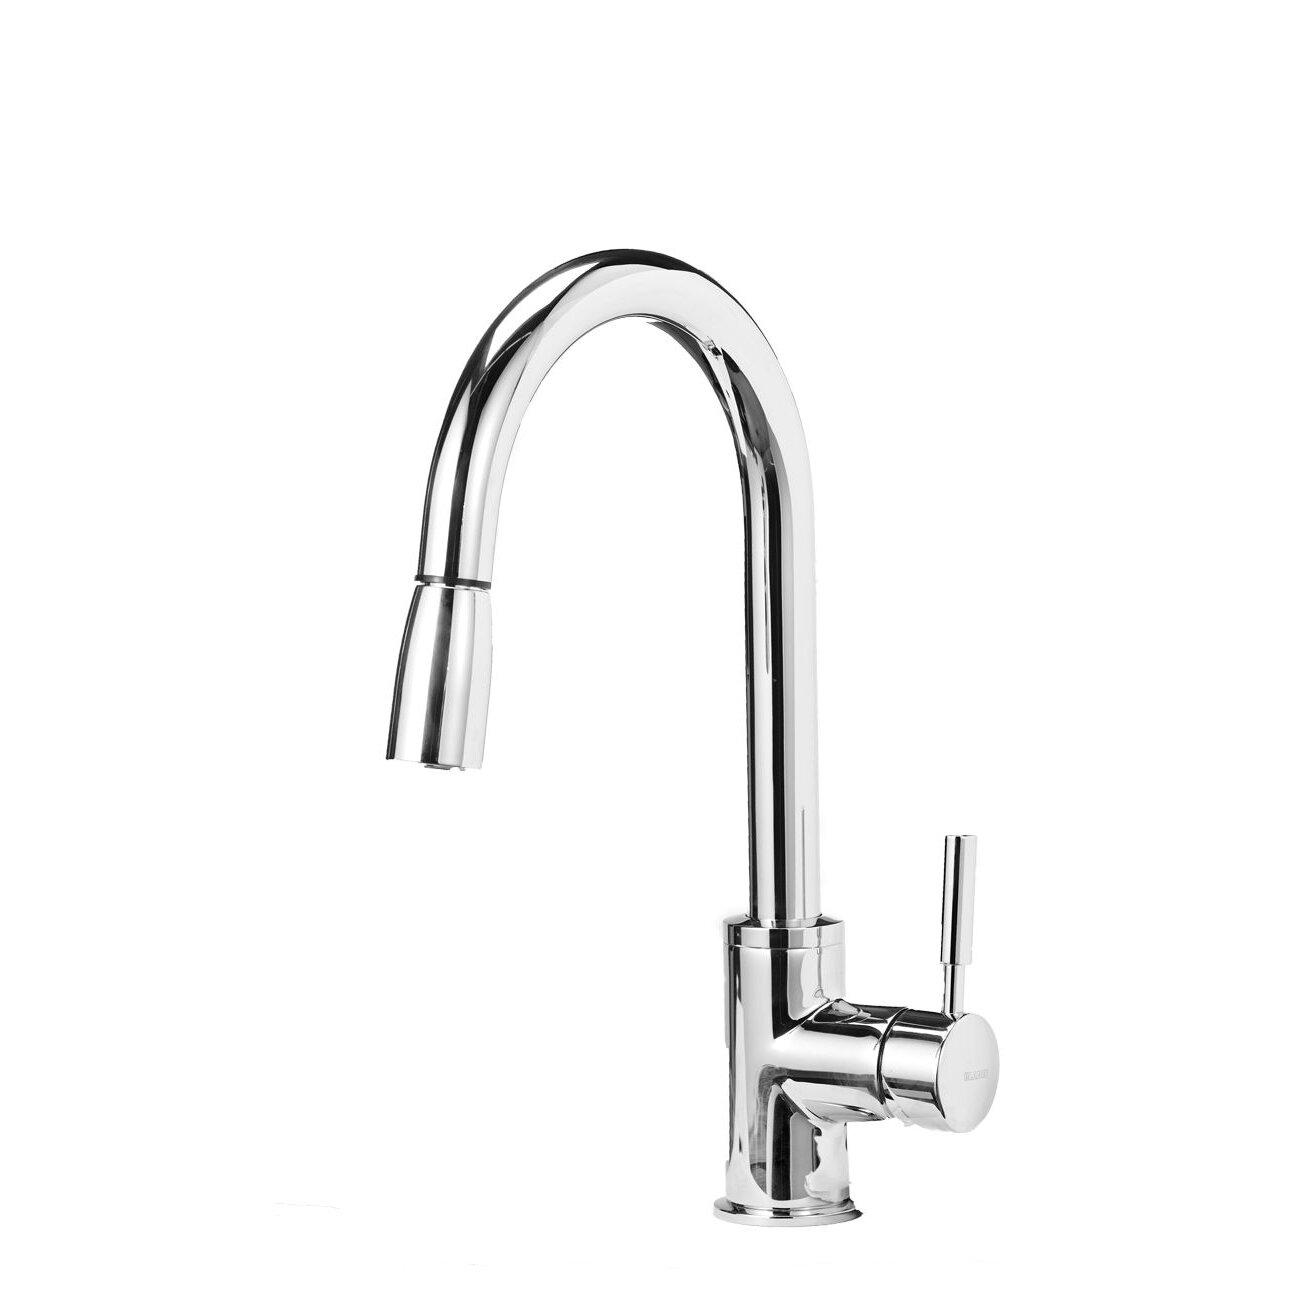 blanco sonama single handle deck mounted standard kitchen